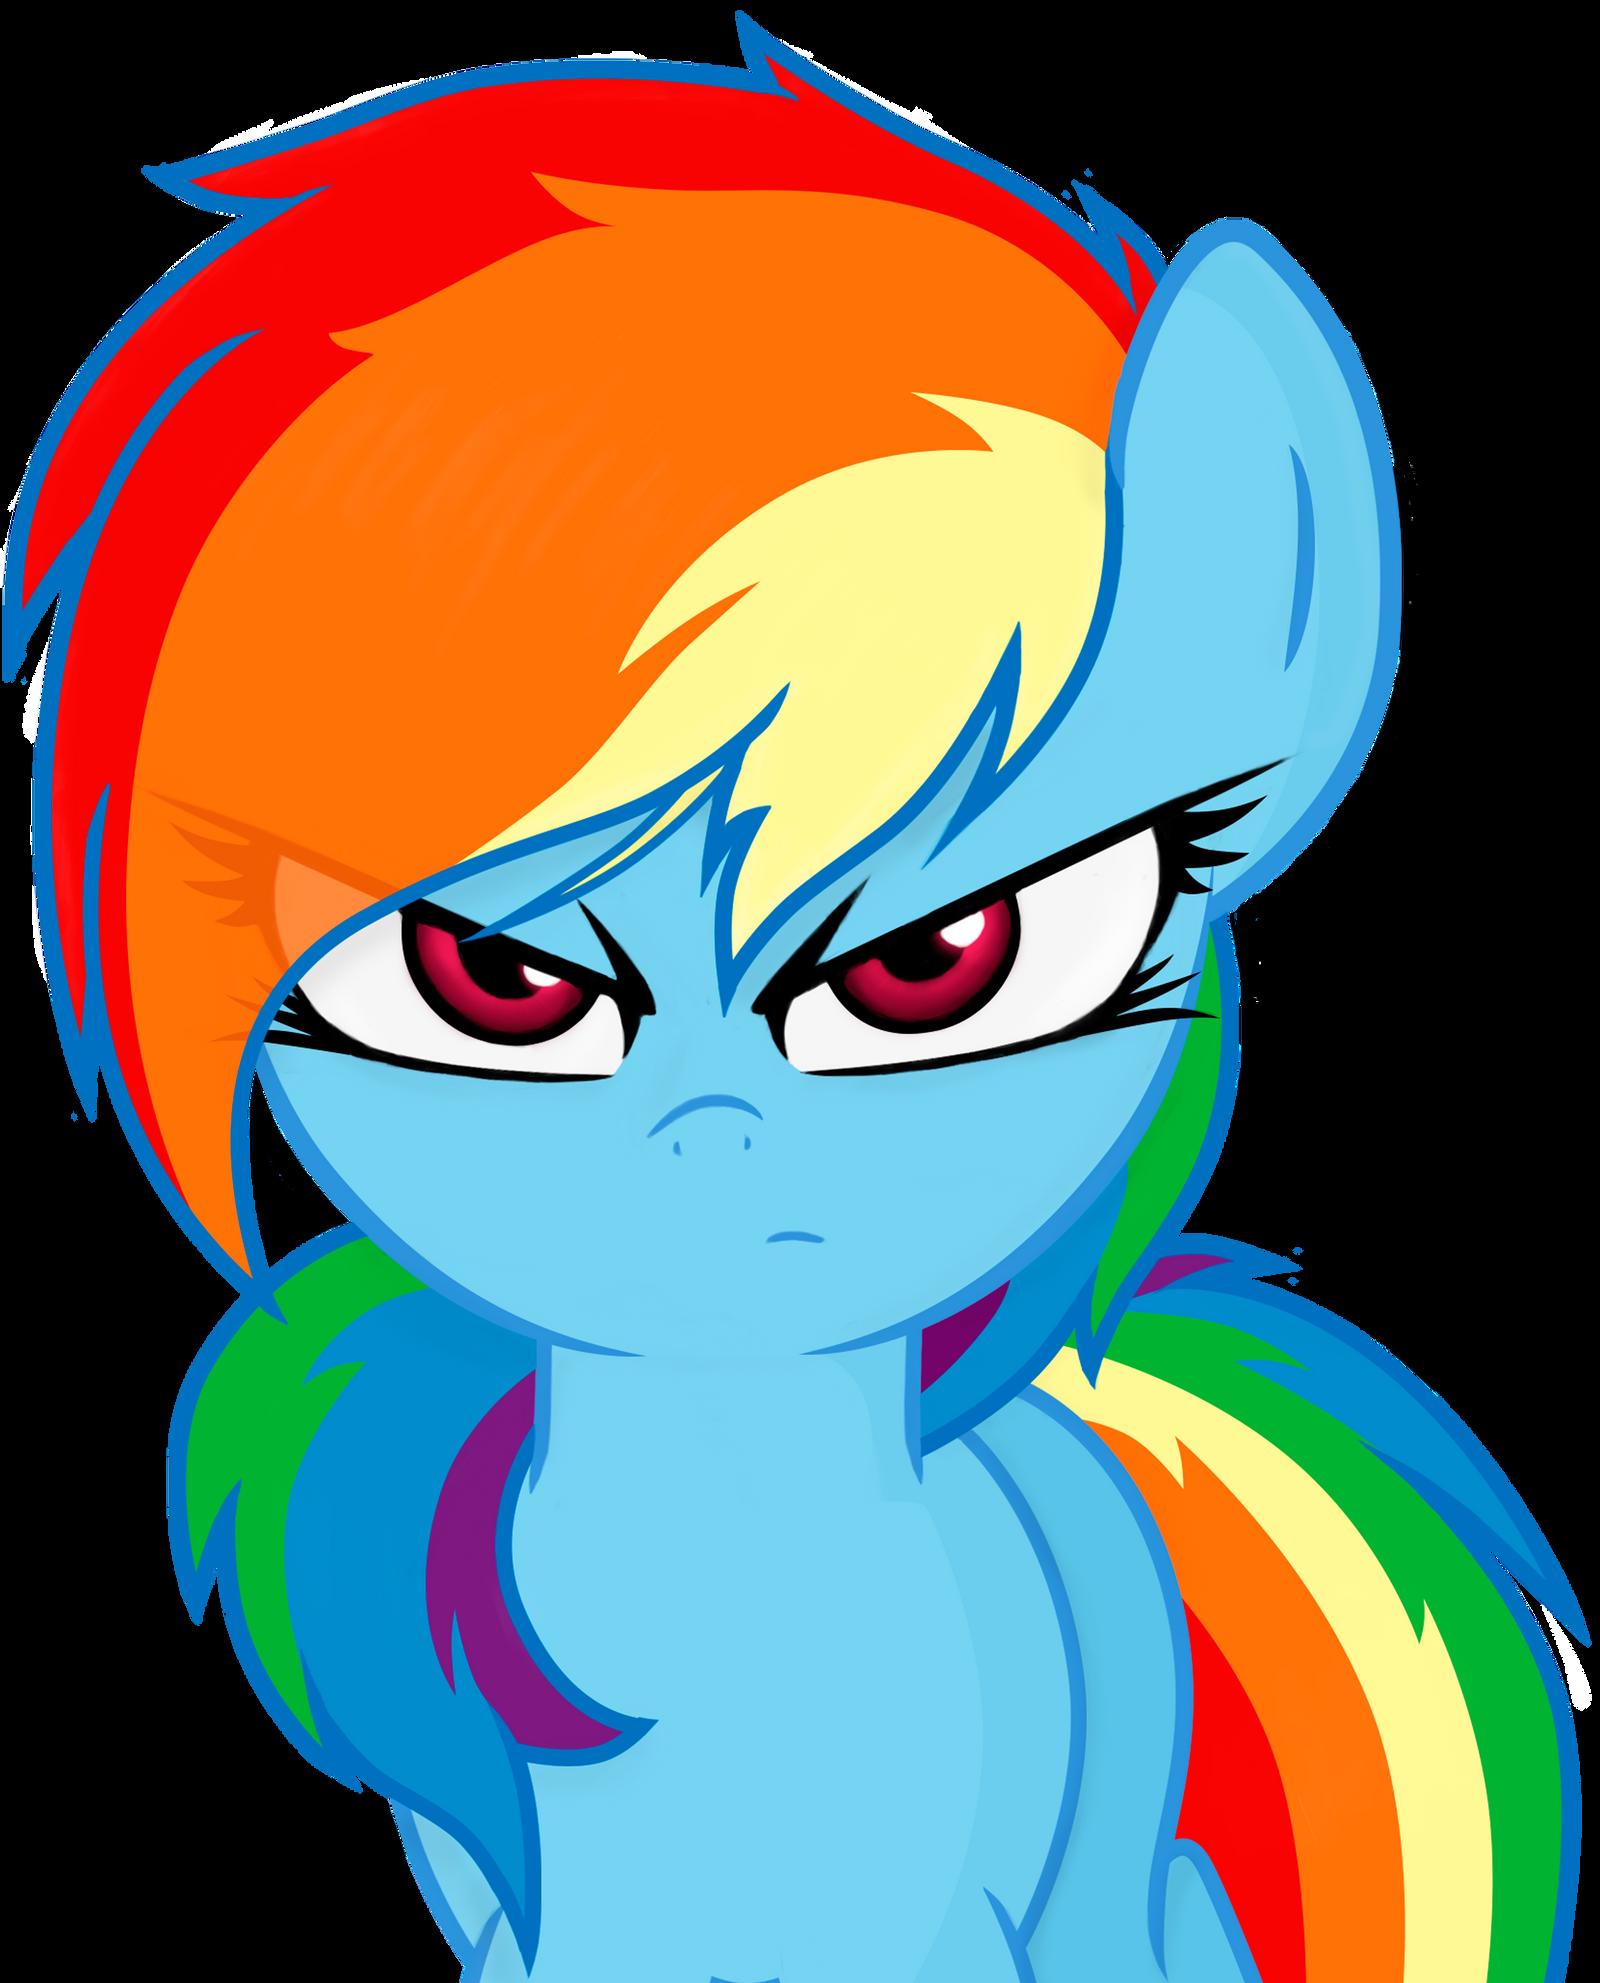 Rainbow Dash IV by Godoffury